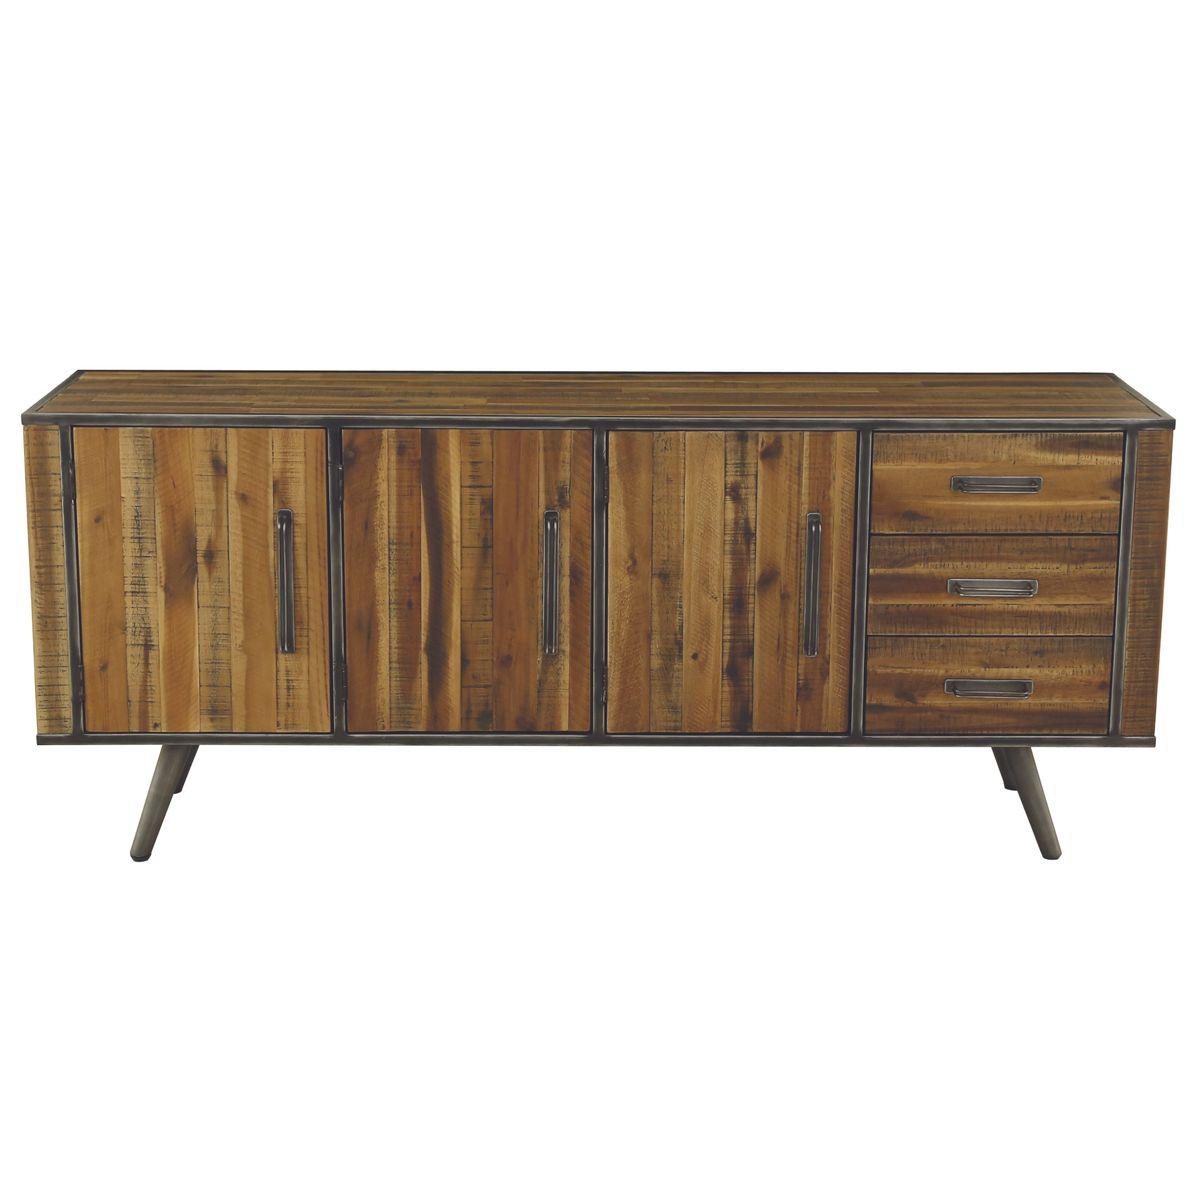 Buffet enfilade 3 portes 3 tiroirs bois et métal